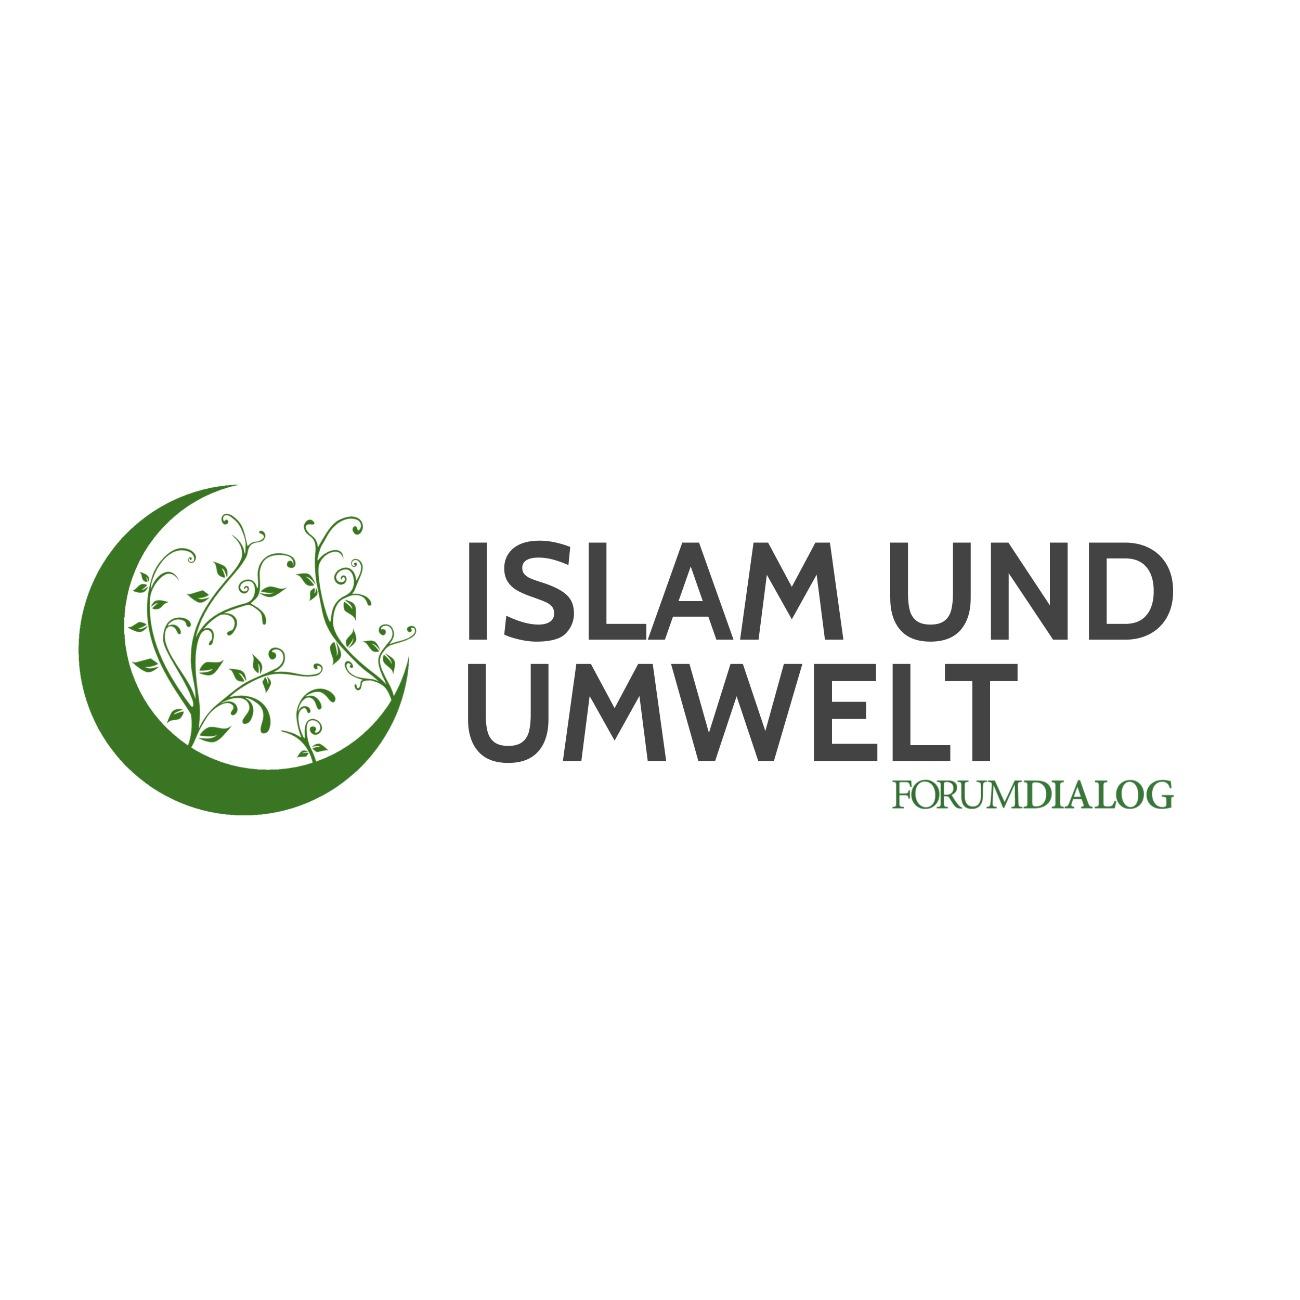 Islam und Umwelt